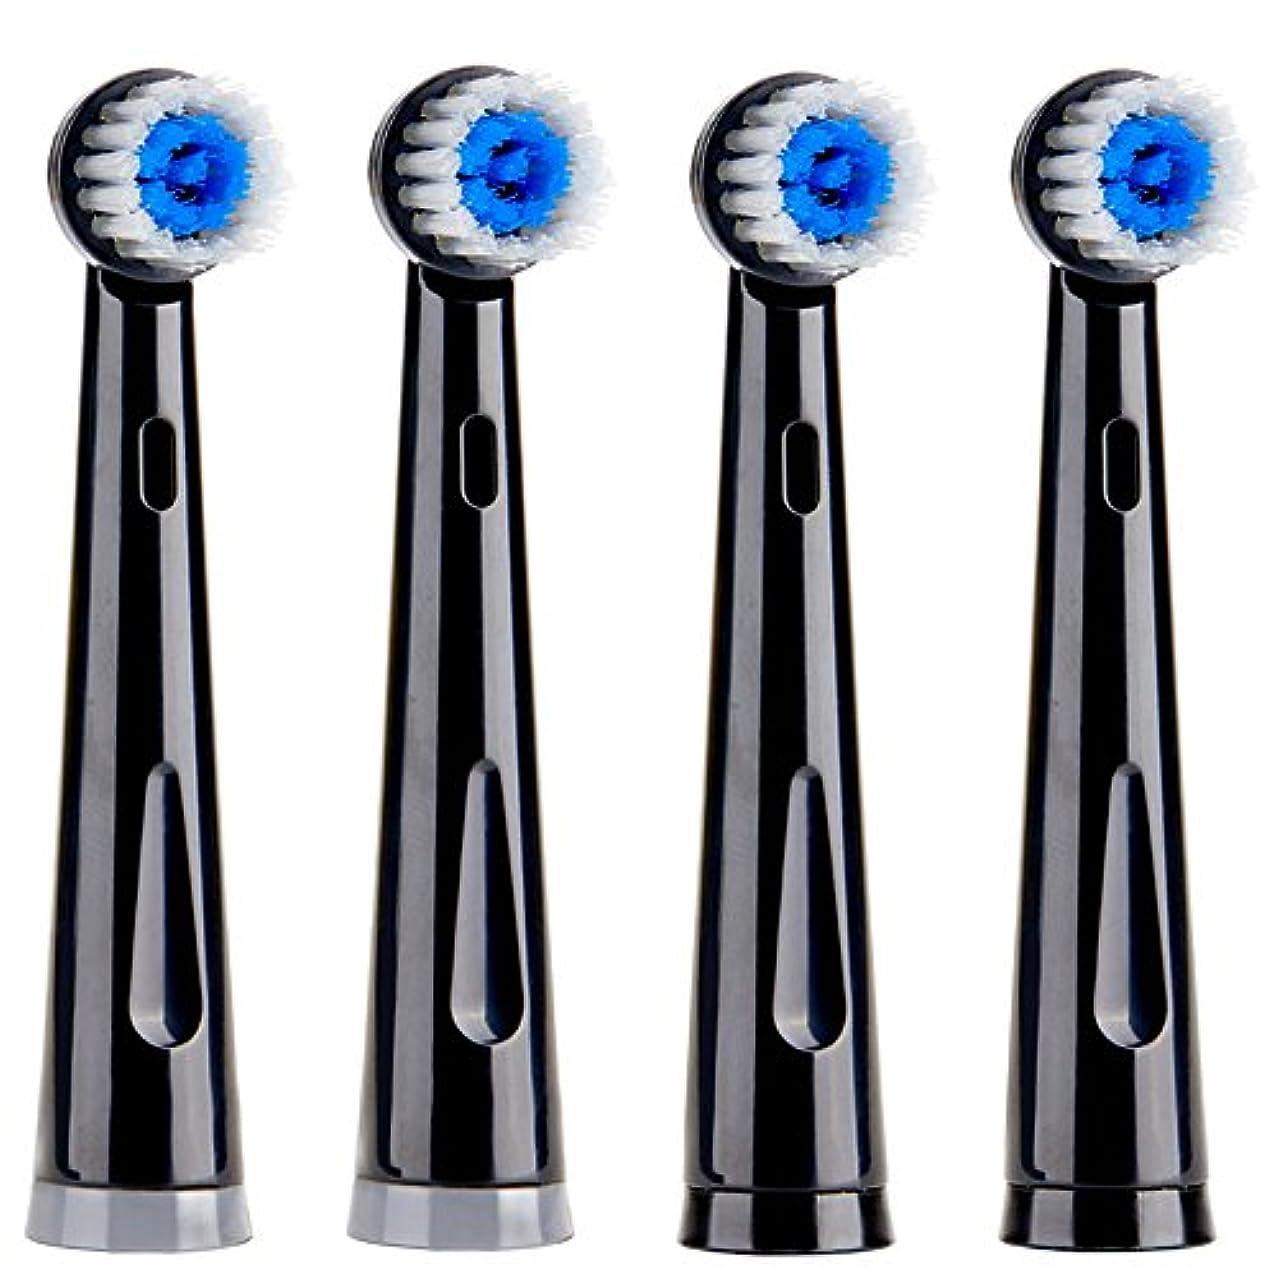 メイト角度継続中Fairywill 電動歯ブラシ用 替ブラシ 4本入 互換ブラシ 回転式 RBH31